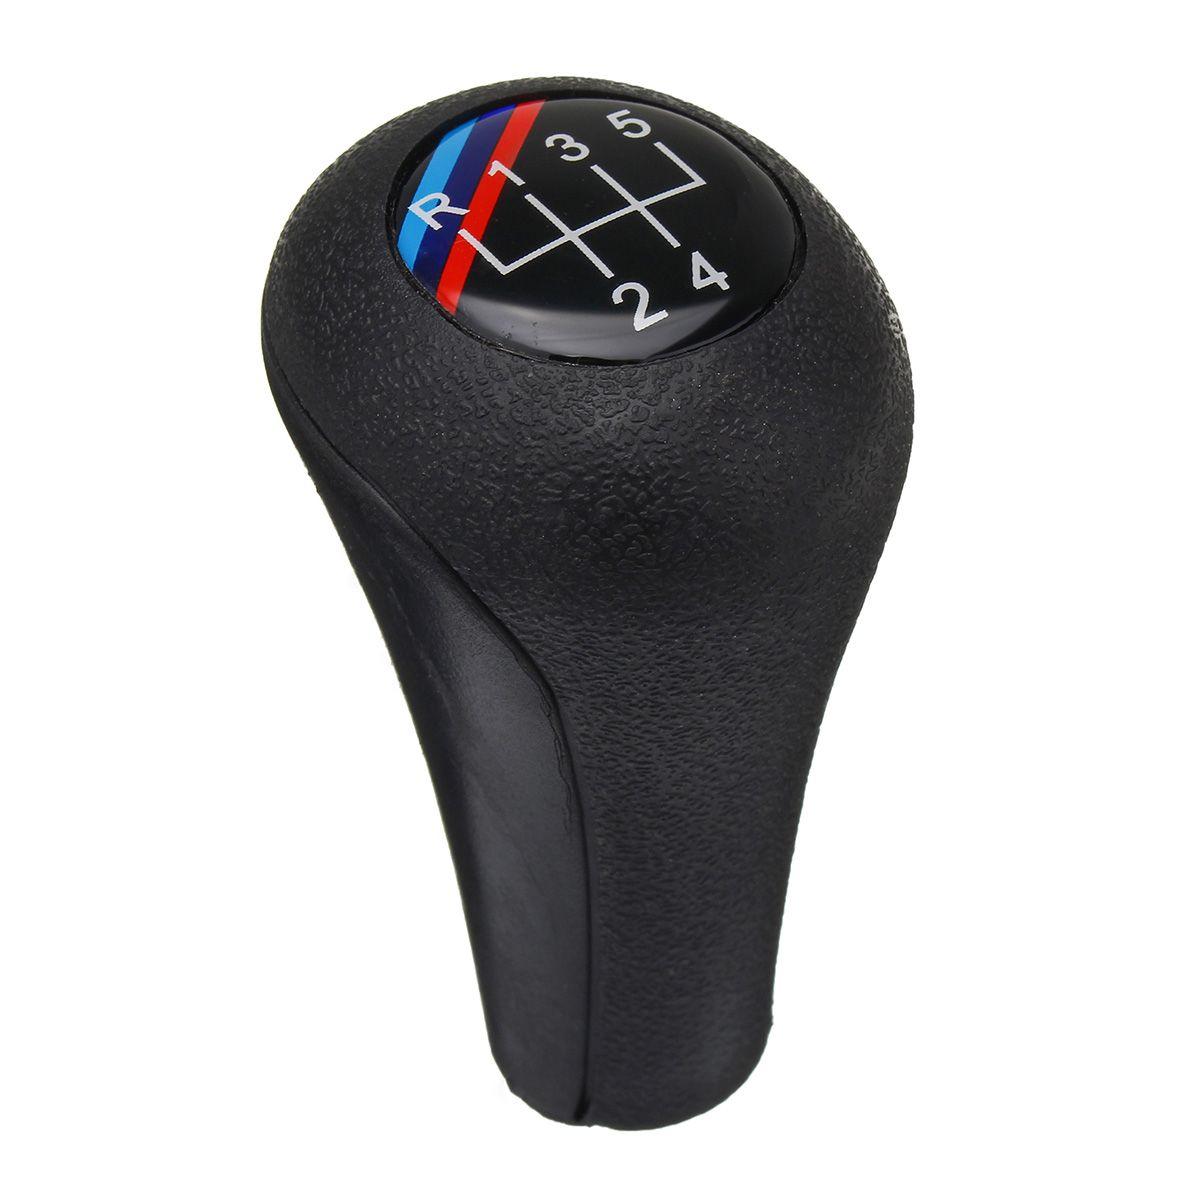 5 Speed Car Gear Shift Knob For BMW E34 E39 M5 M3 M6 E36 E46 E21 E30 E36 E46 E28